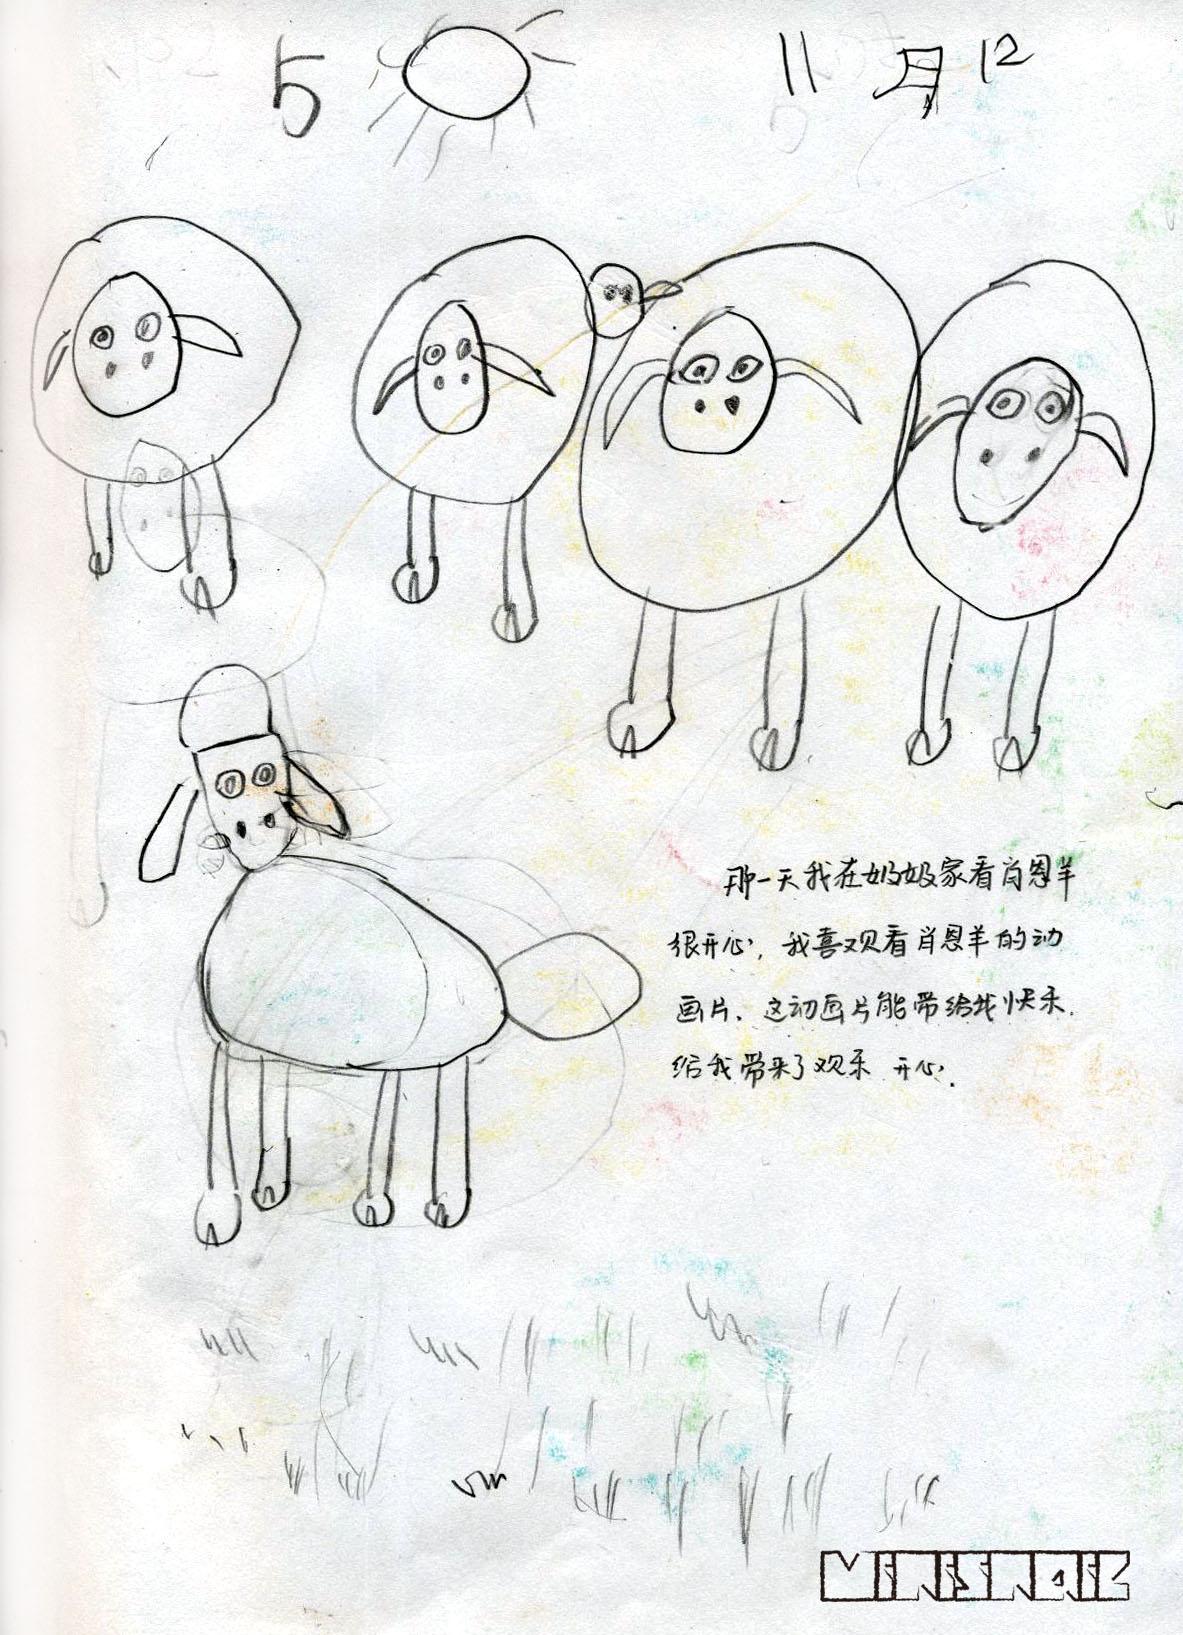 卡通小羊肖恩简笔画内容图片展示_卡通小羊肖恩简笔画图片下载